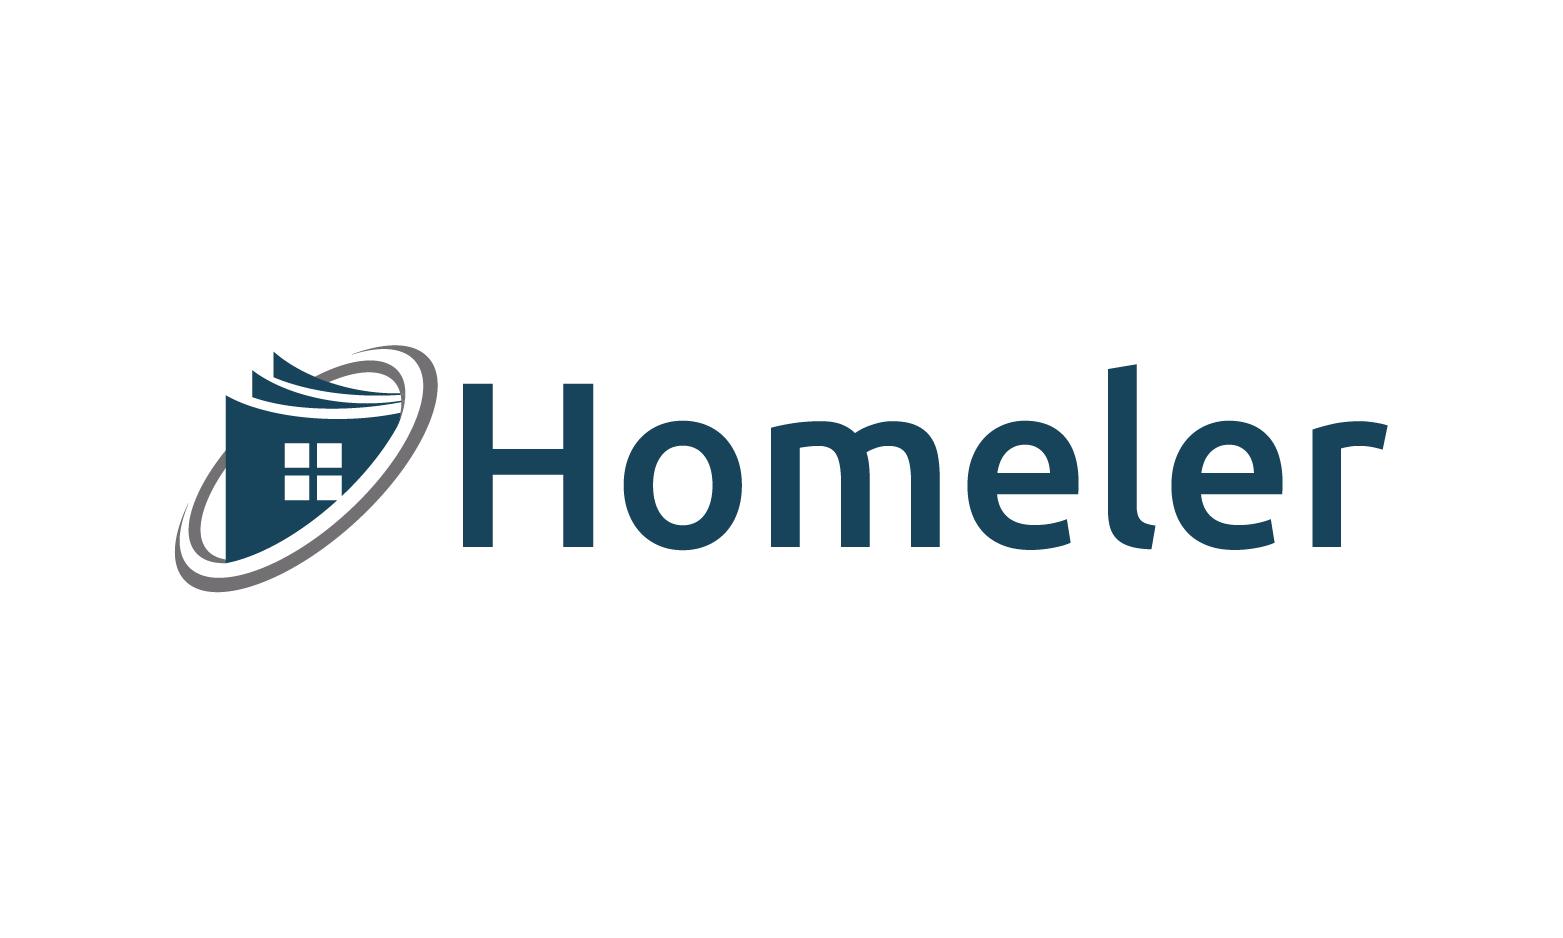 Homeler.com